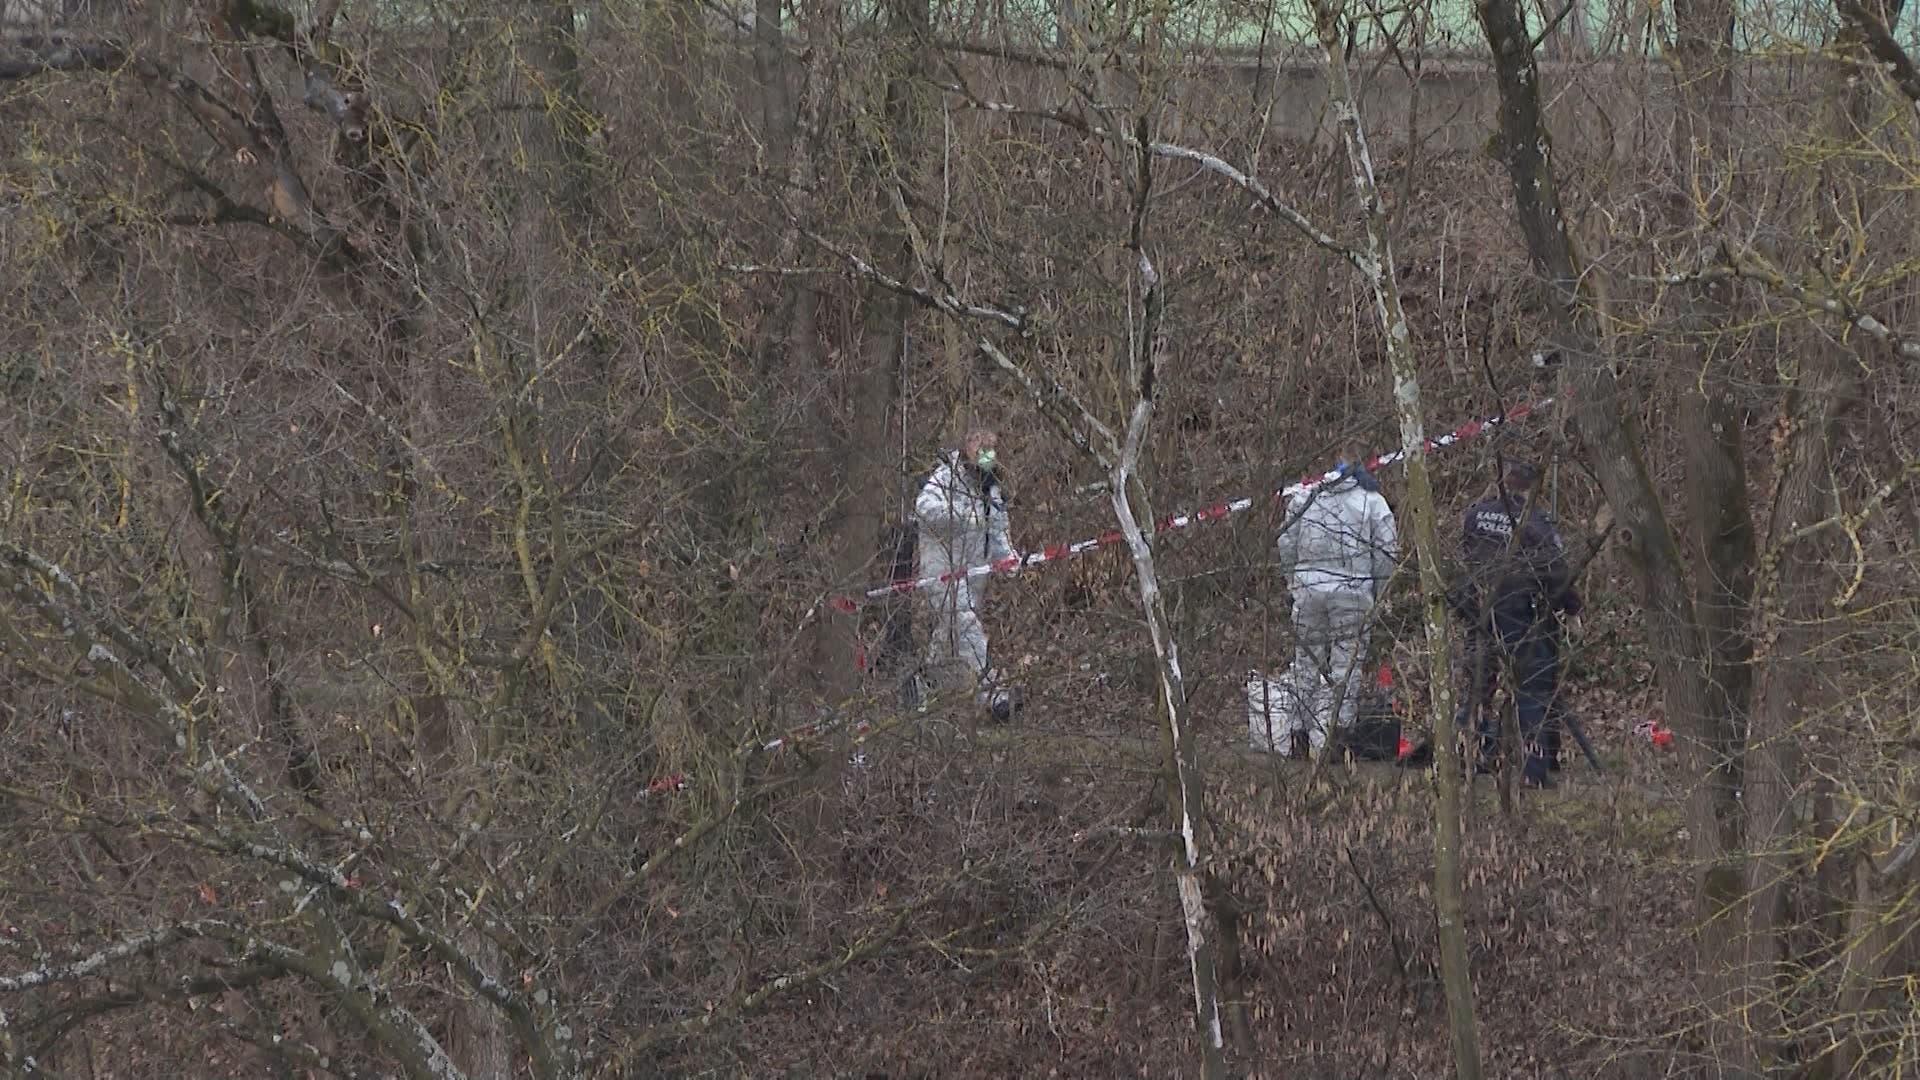 Am Dienstagnachmittag wurde am Ufer der Limmat in Würenlos eine Leiche gefunden.